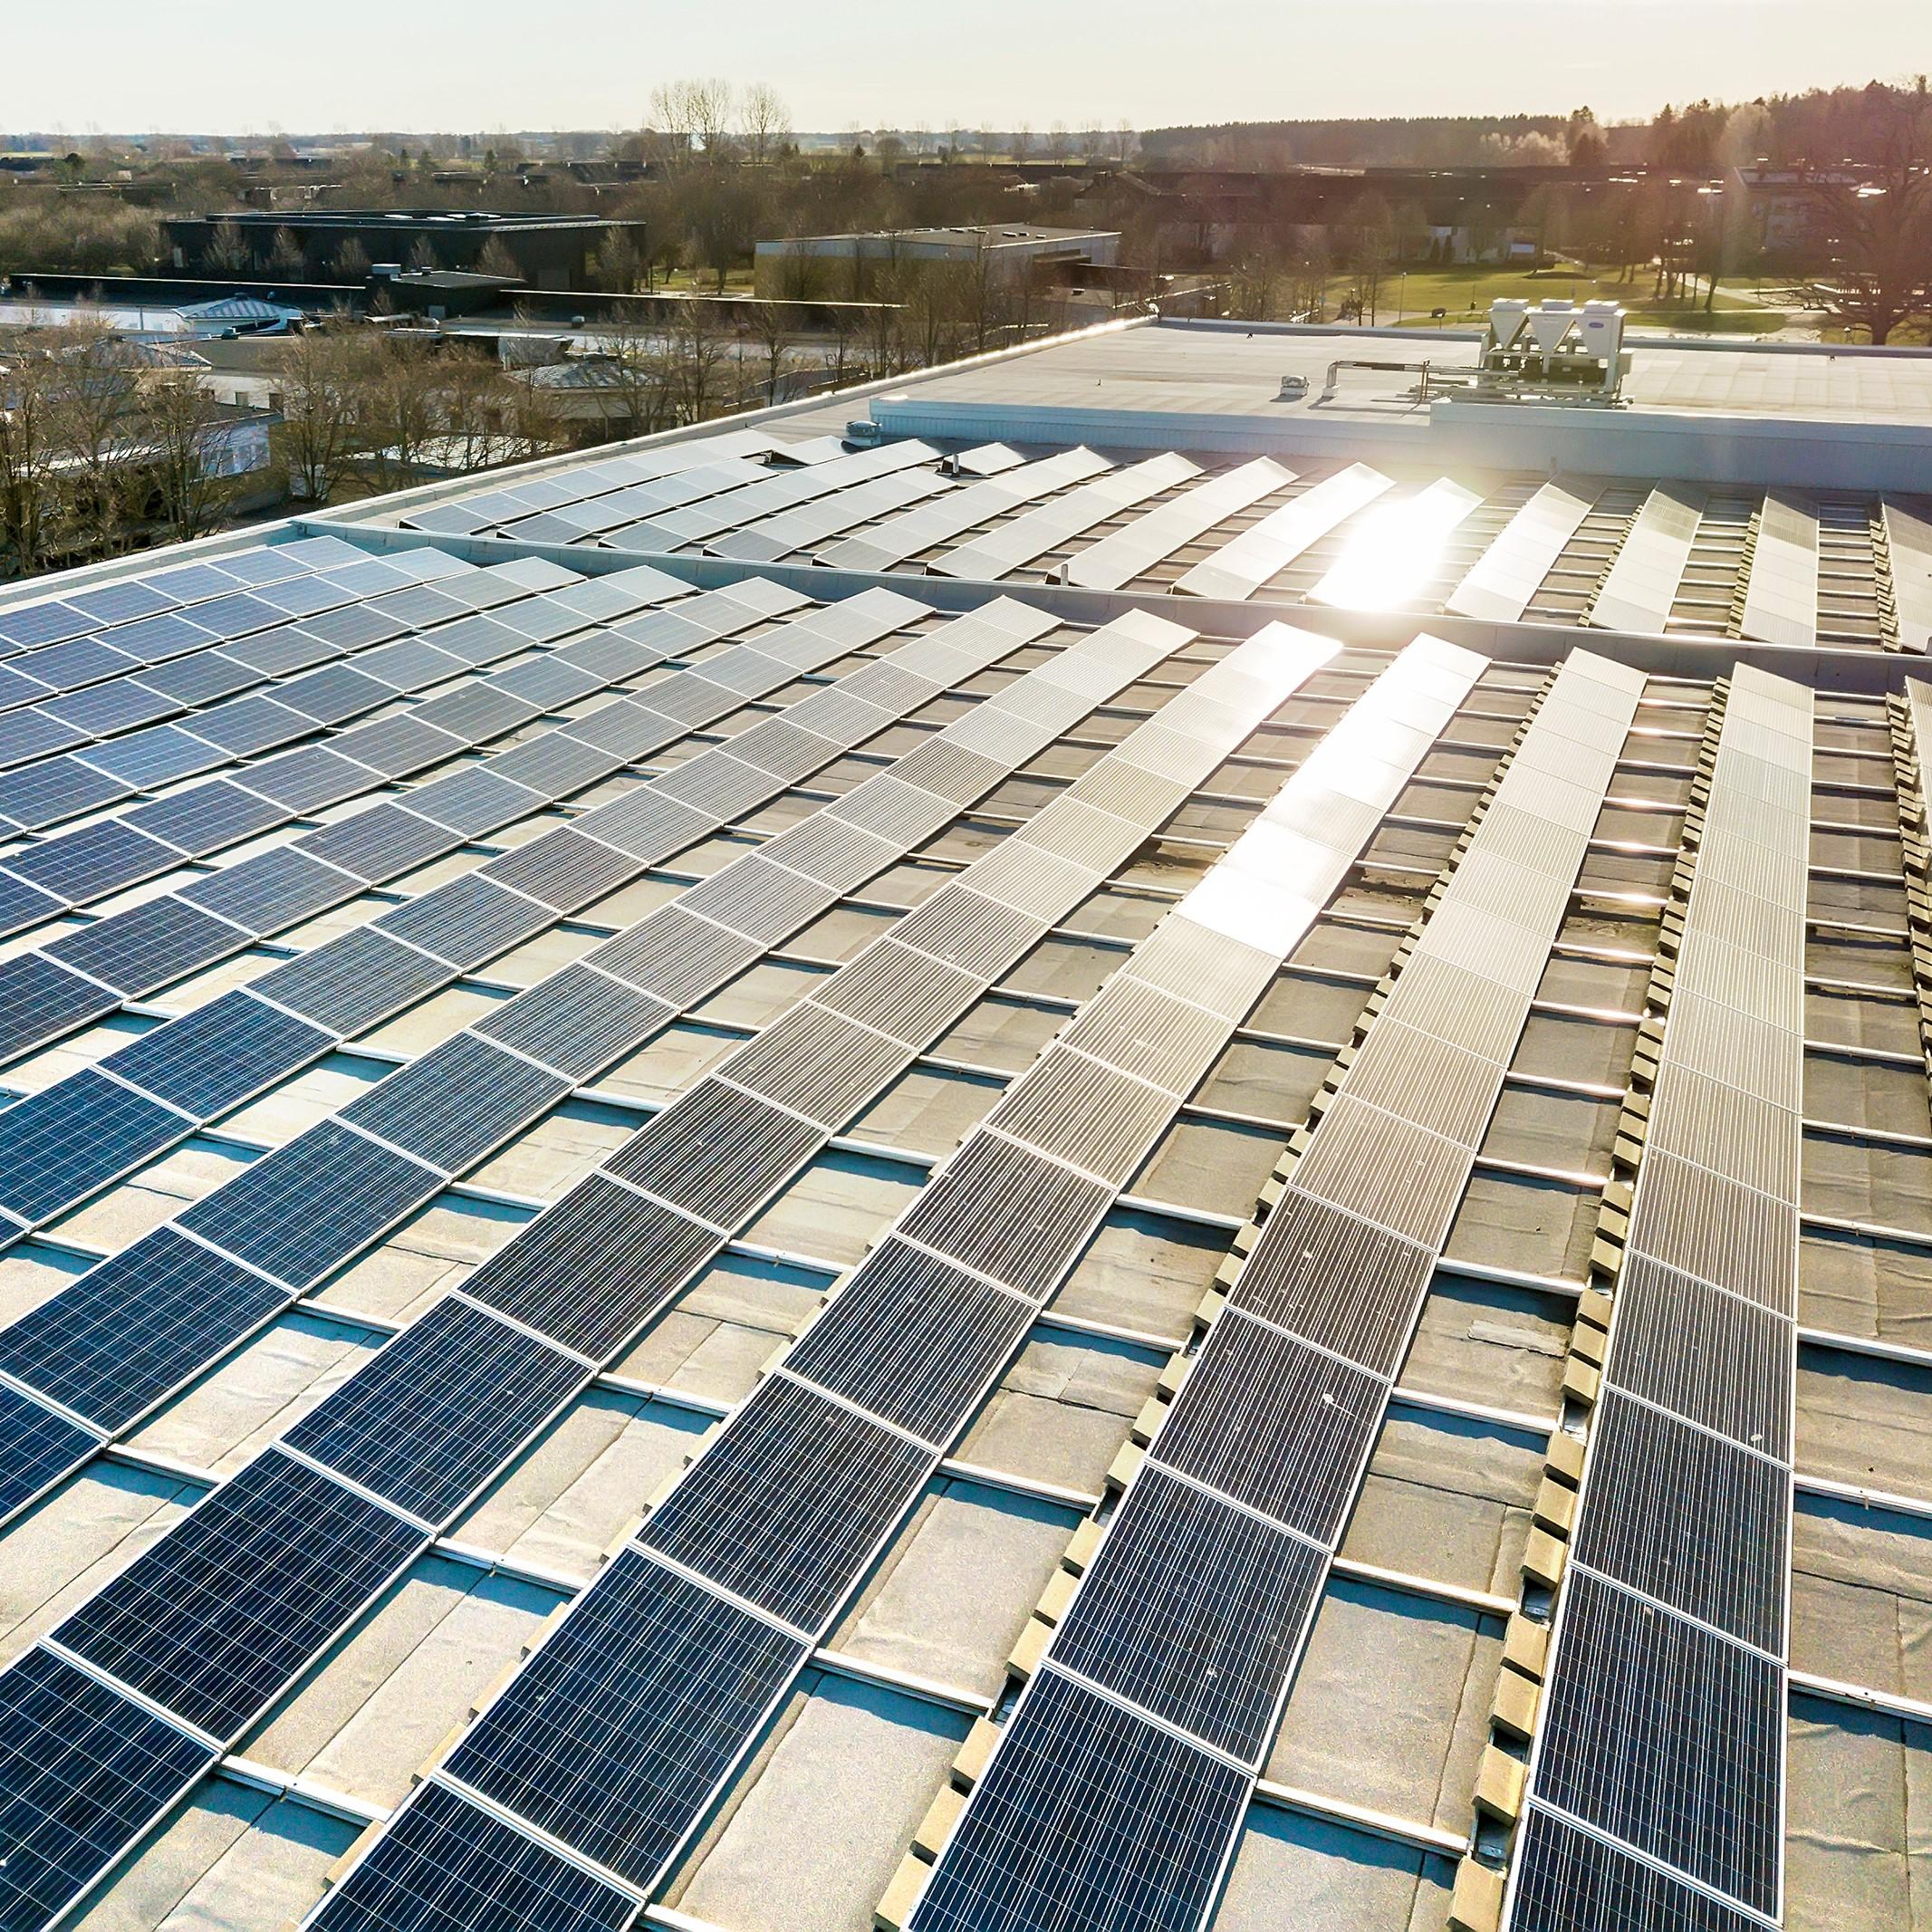 plaques solars empresa vivimsolar